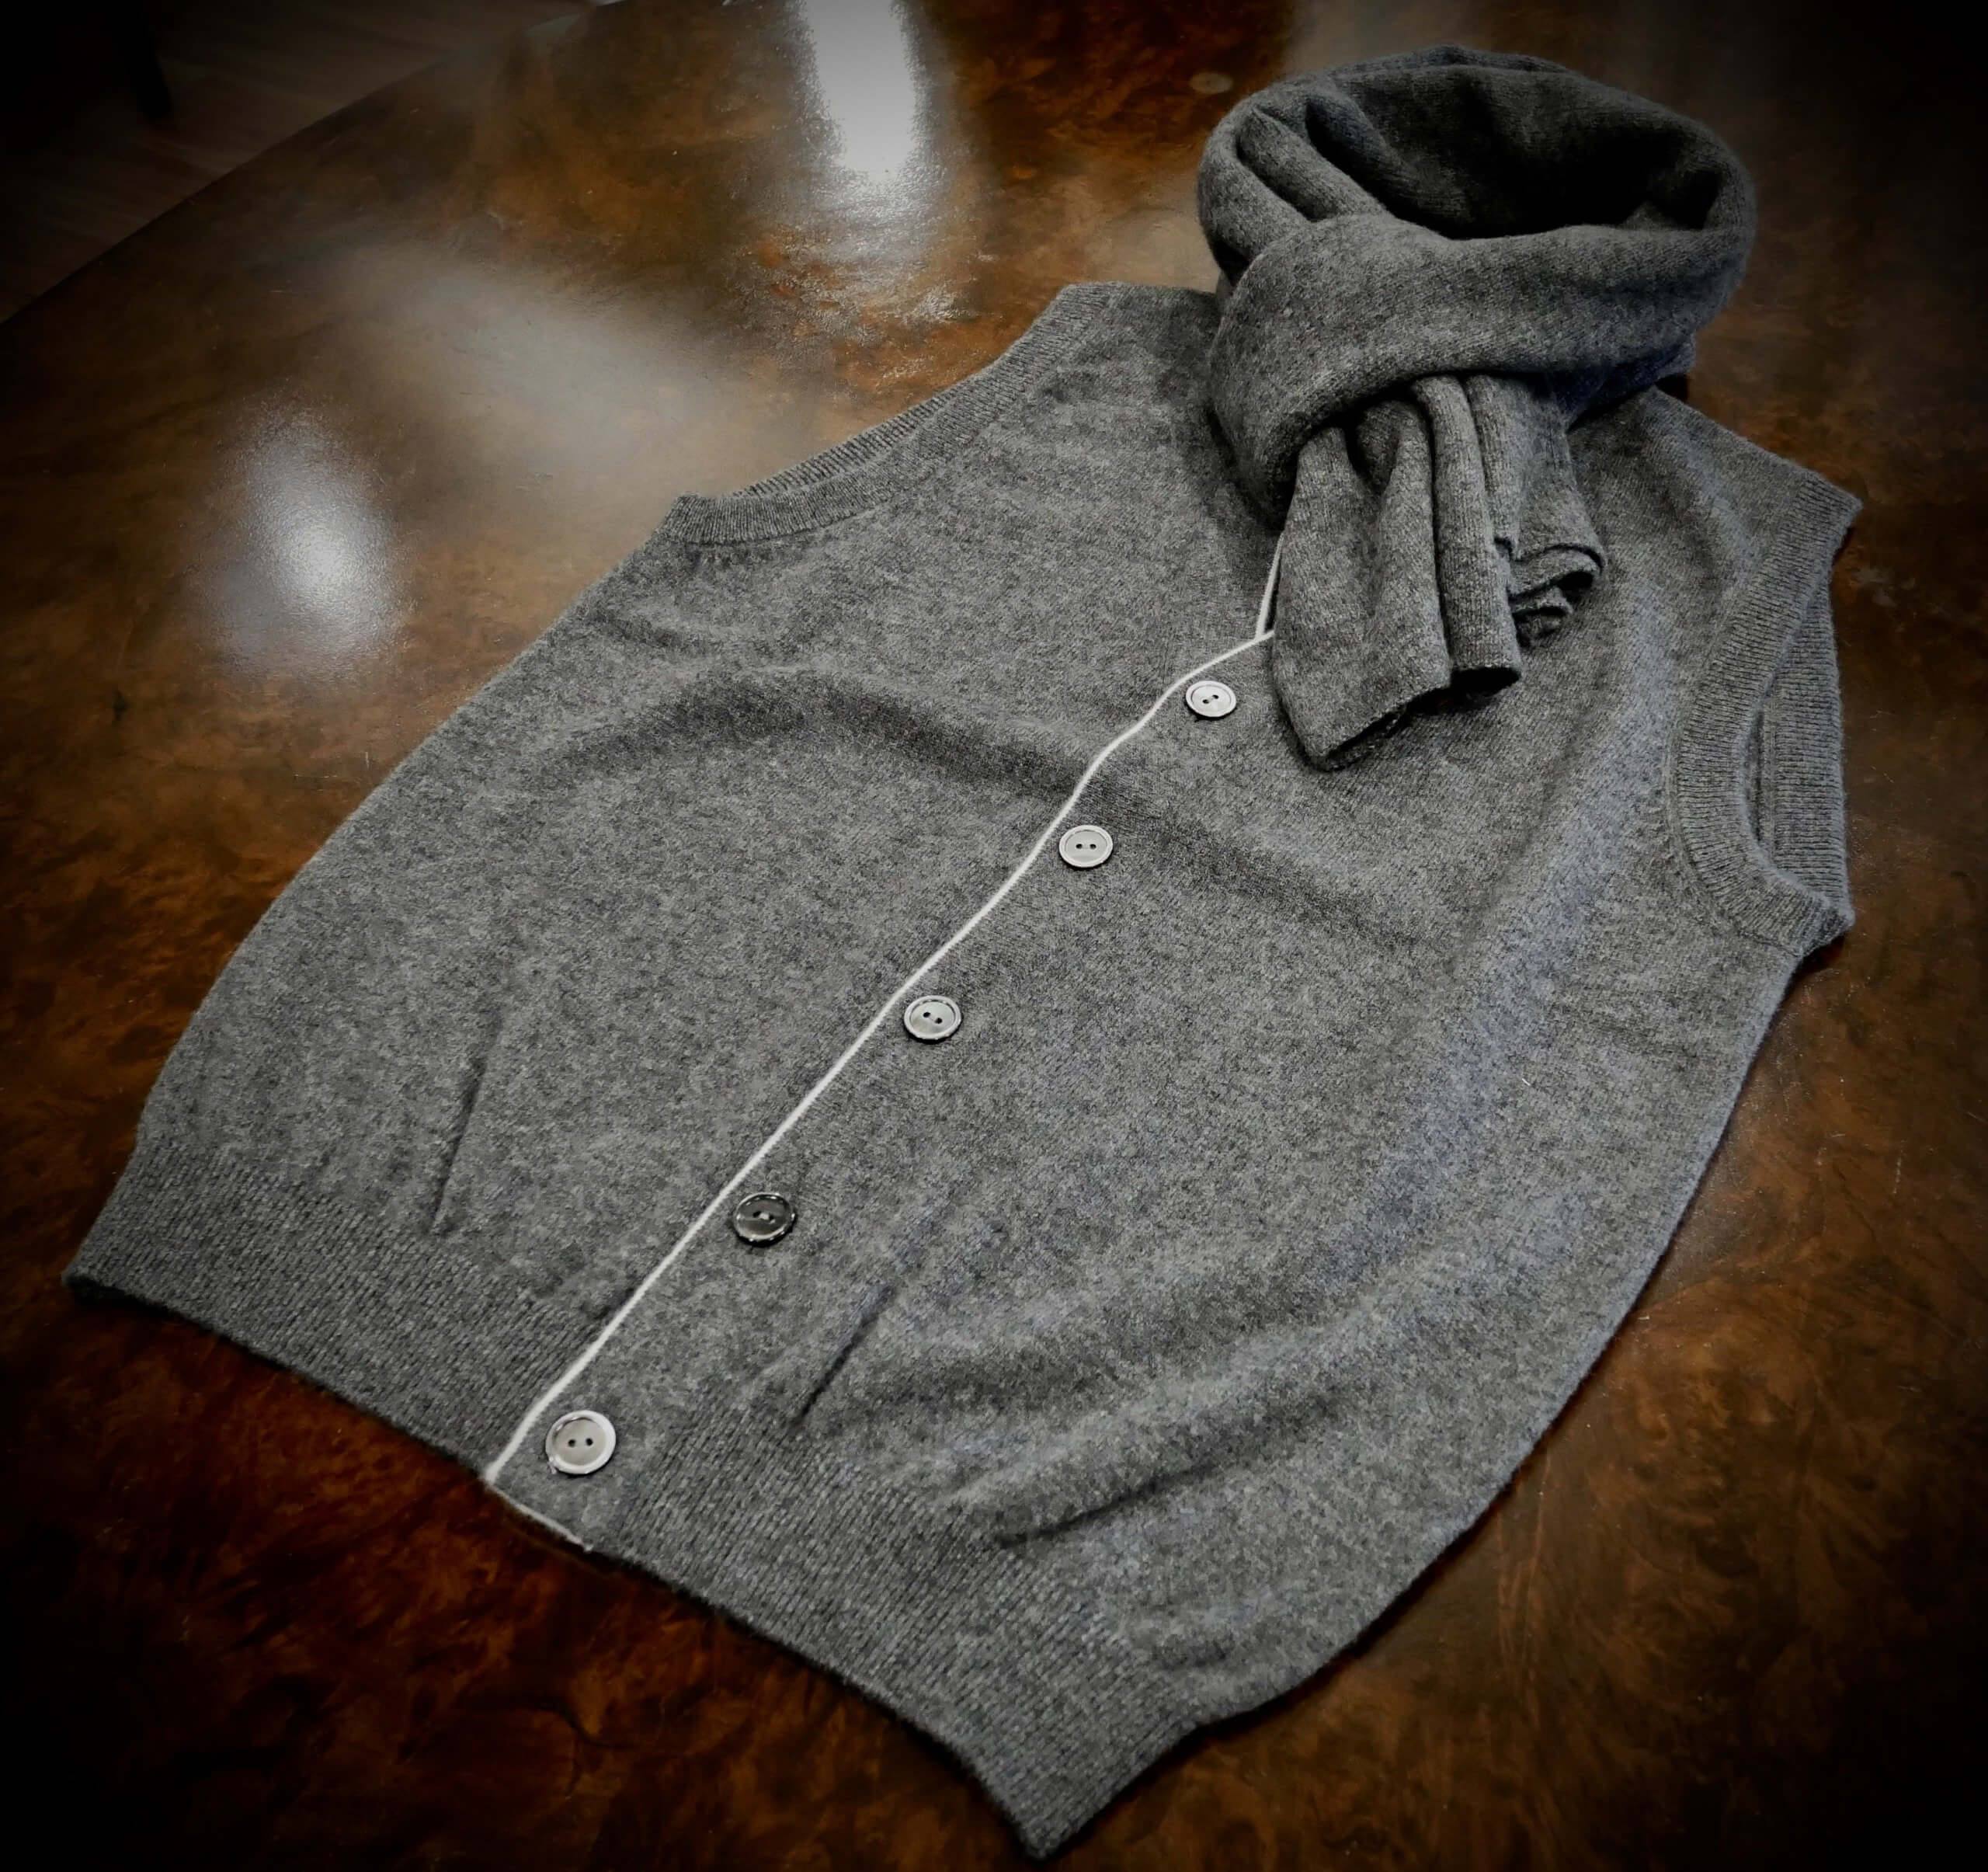 Knitwear_20201111_knitwear_1.jpg